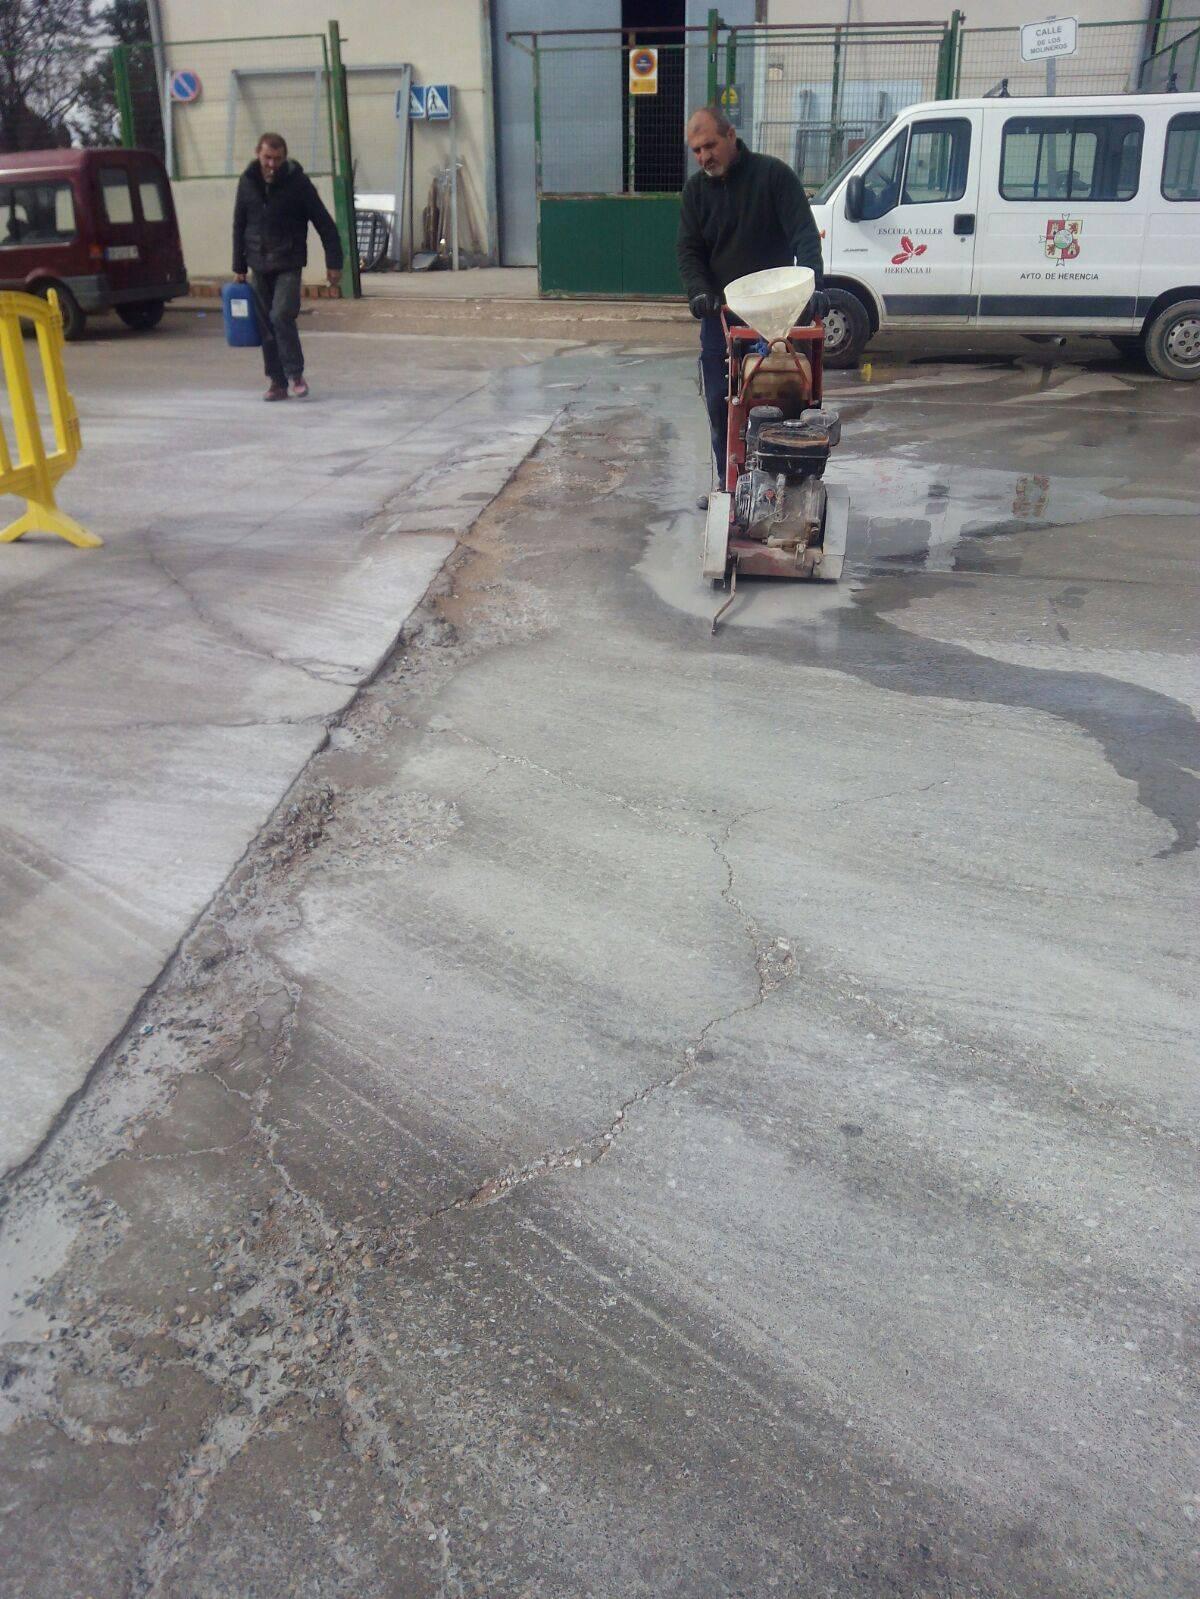 baches poligono industrial herencia - Obras para eliminar baches en el Polígono Industrial de Herencia